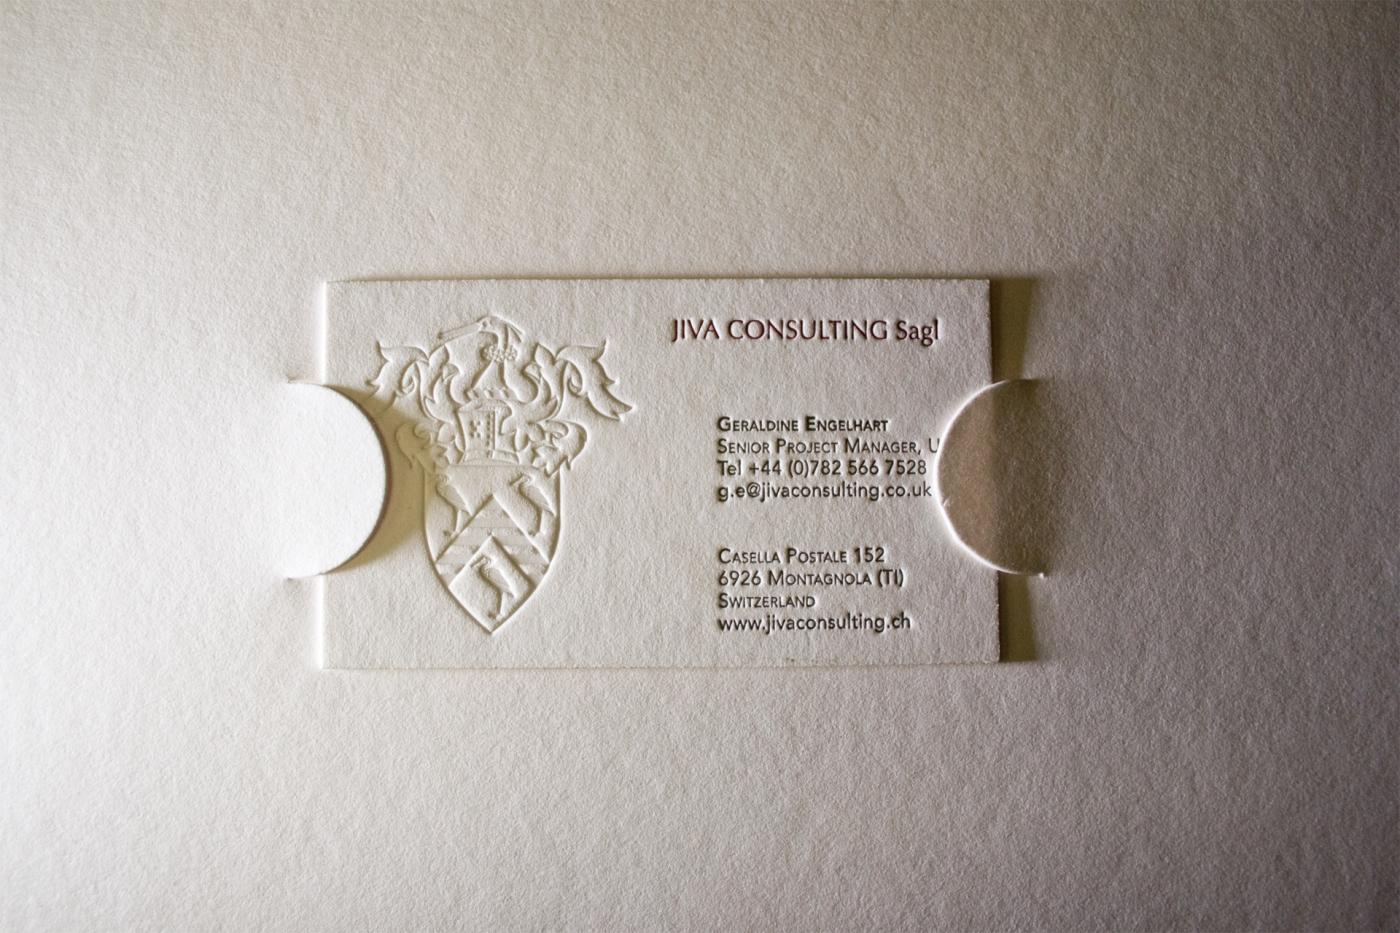 Biglietto da visita in letterpress per Jiva Consulting